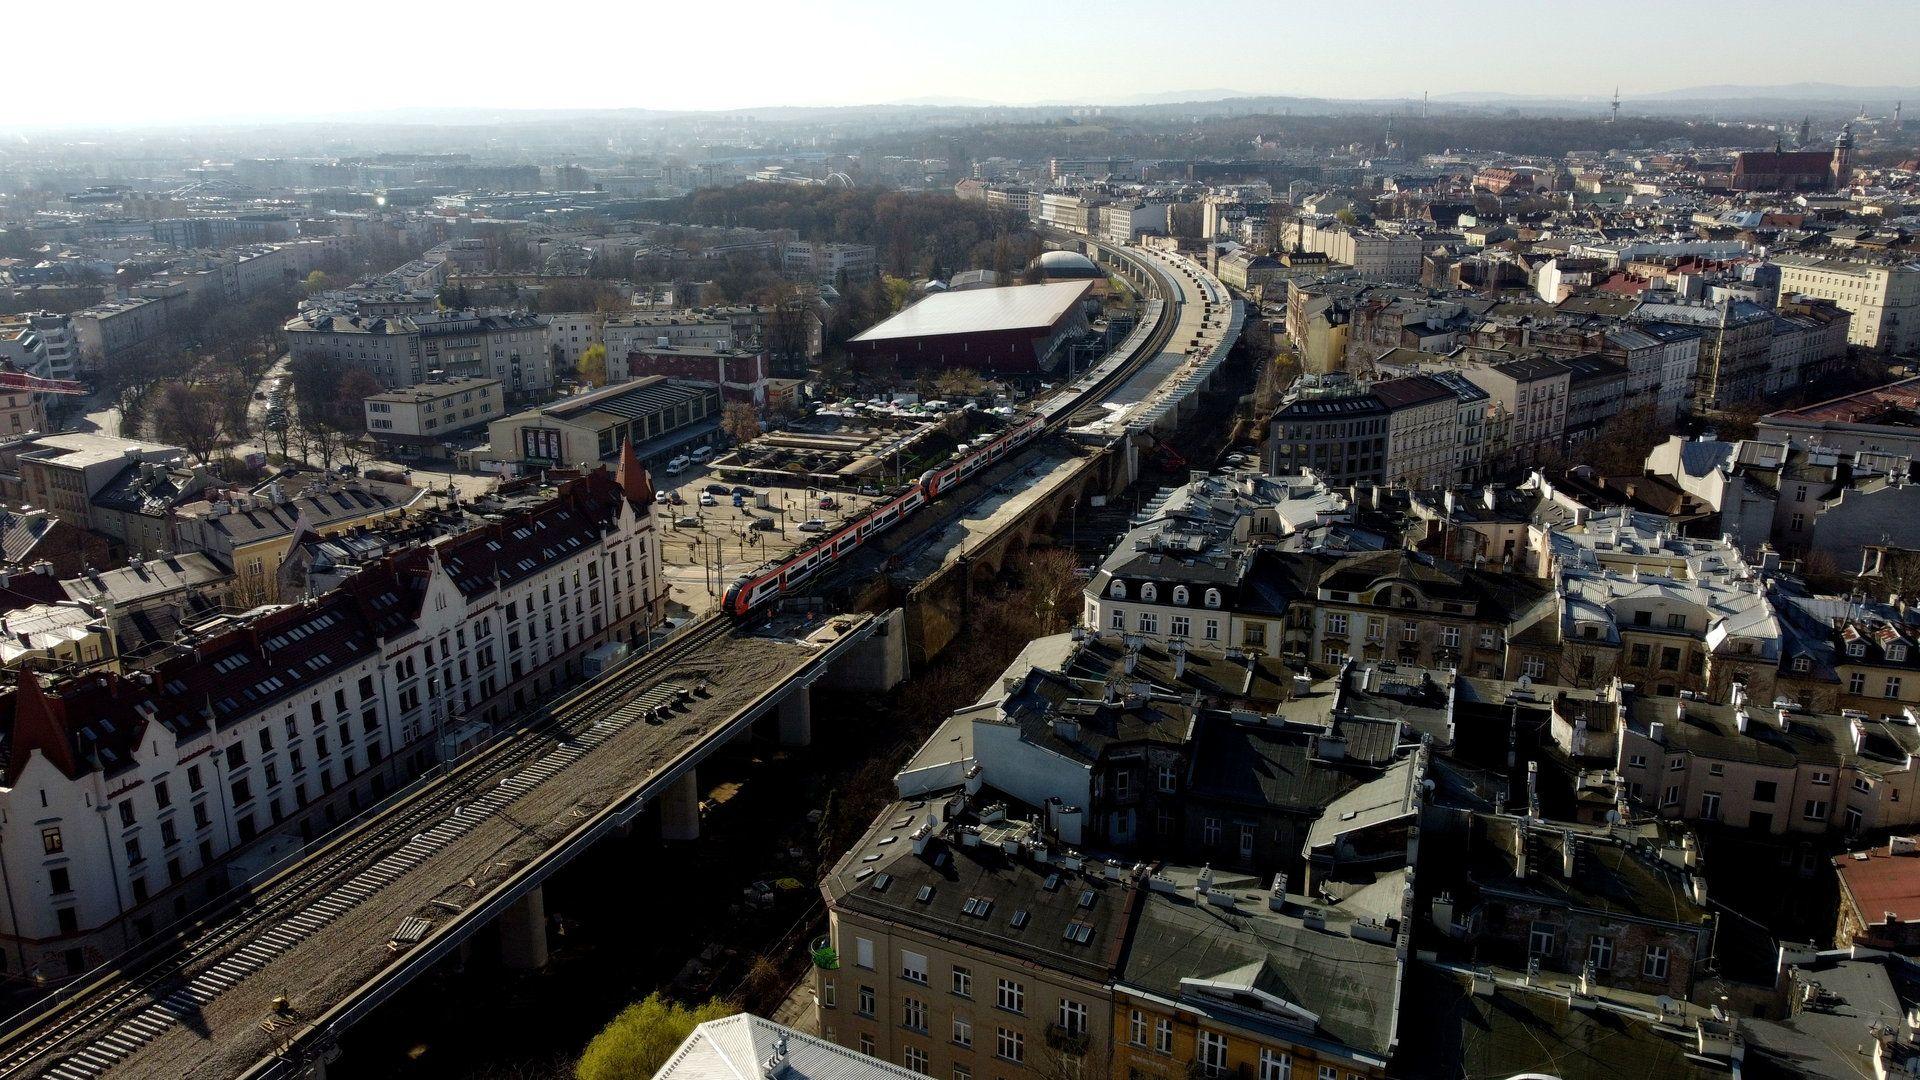 W Krakowie trwa budowa estakady kolejowej Szybkiej Kolei Aglomeracyjnej